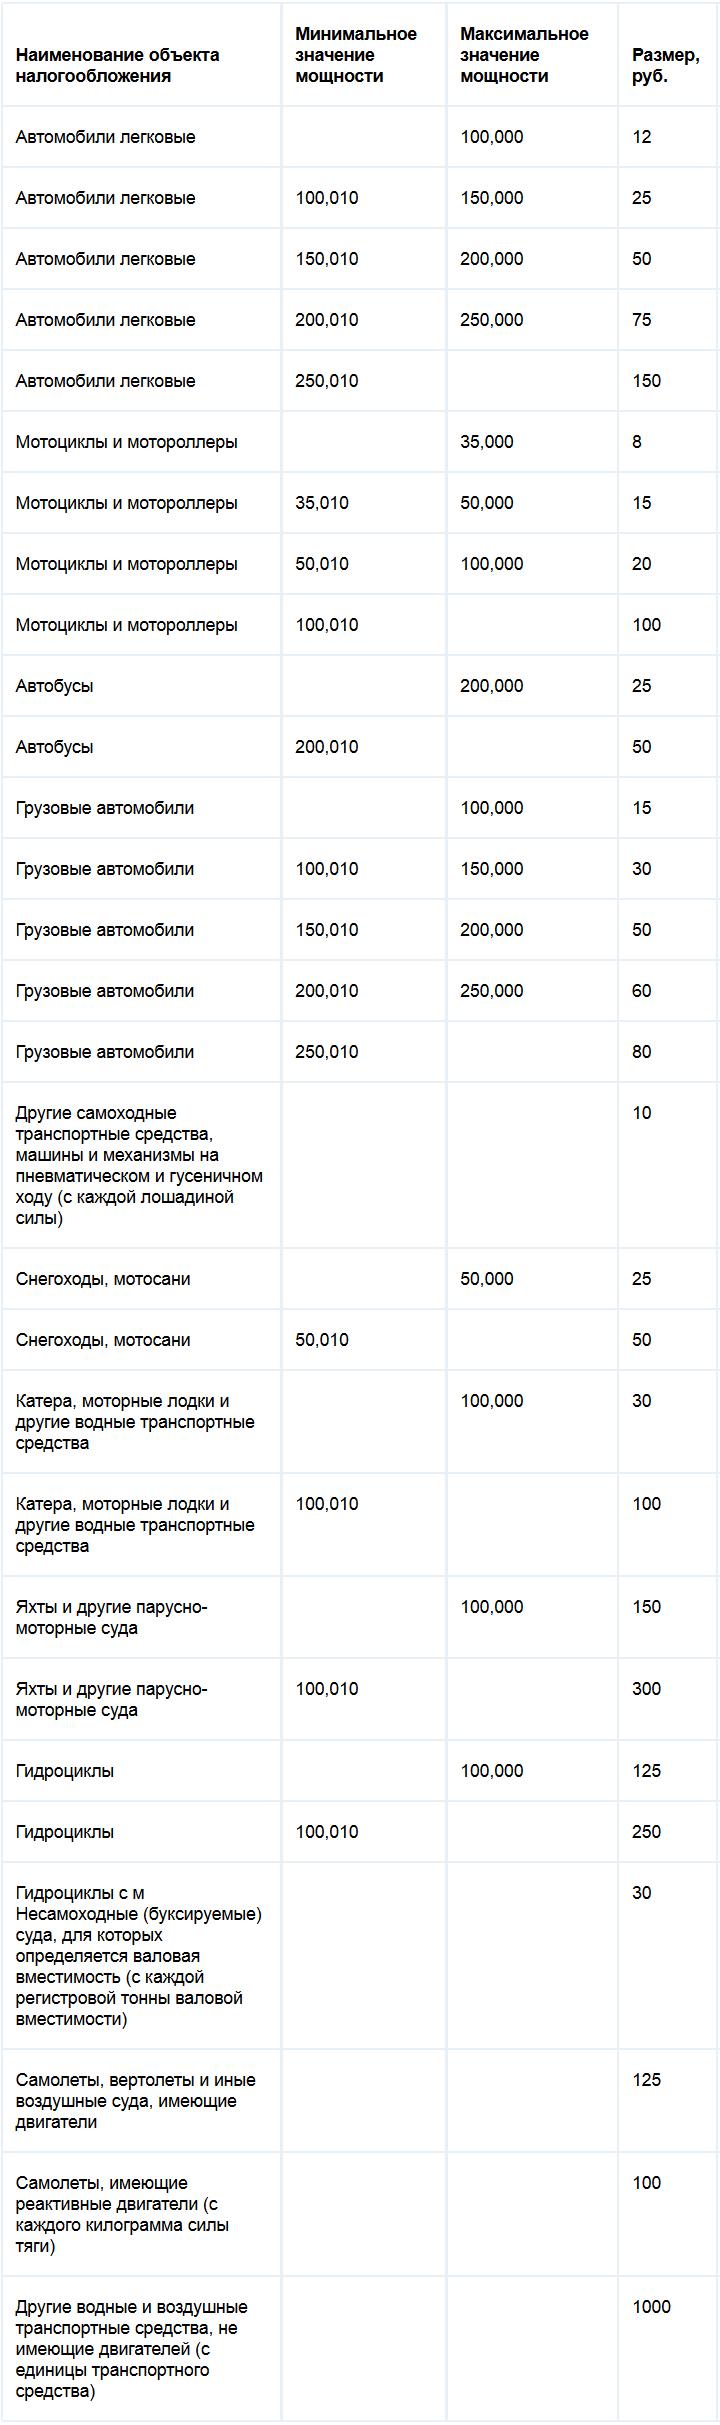 Ставки транспортного налога 2010 в башкортостане высокие ставки сериал 2015 hd смотреть онлайн бесплатно